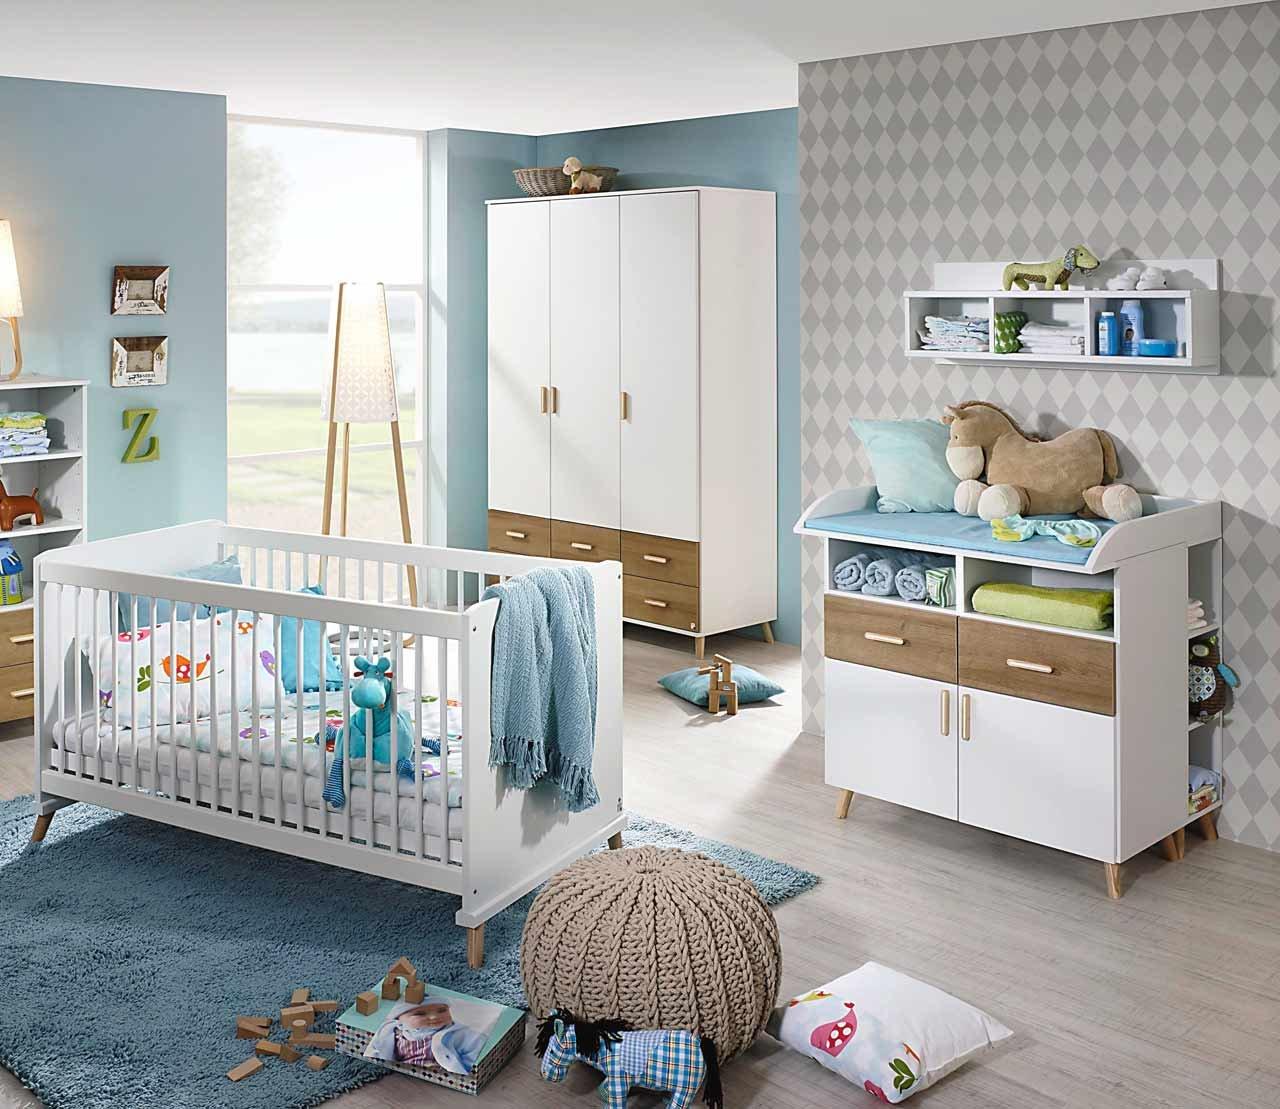 Babyzimmer, Kinderzimmer, Komplett-Set, Babymöbel, Babybett ...